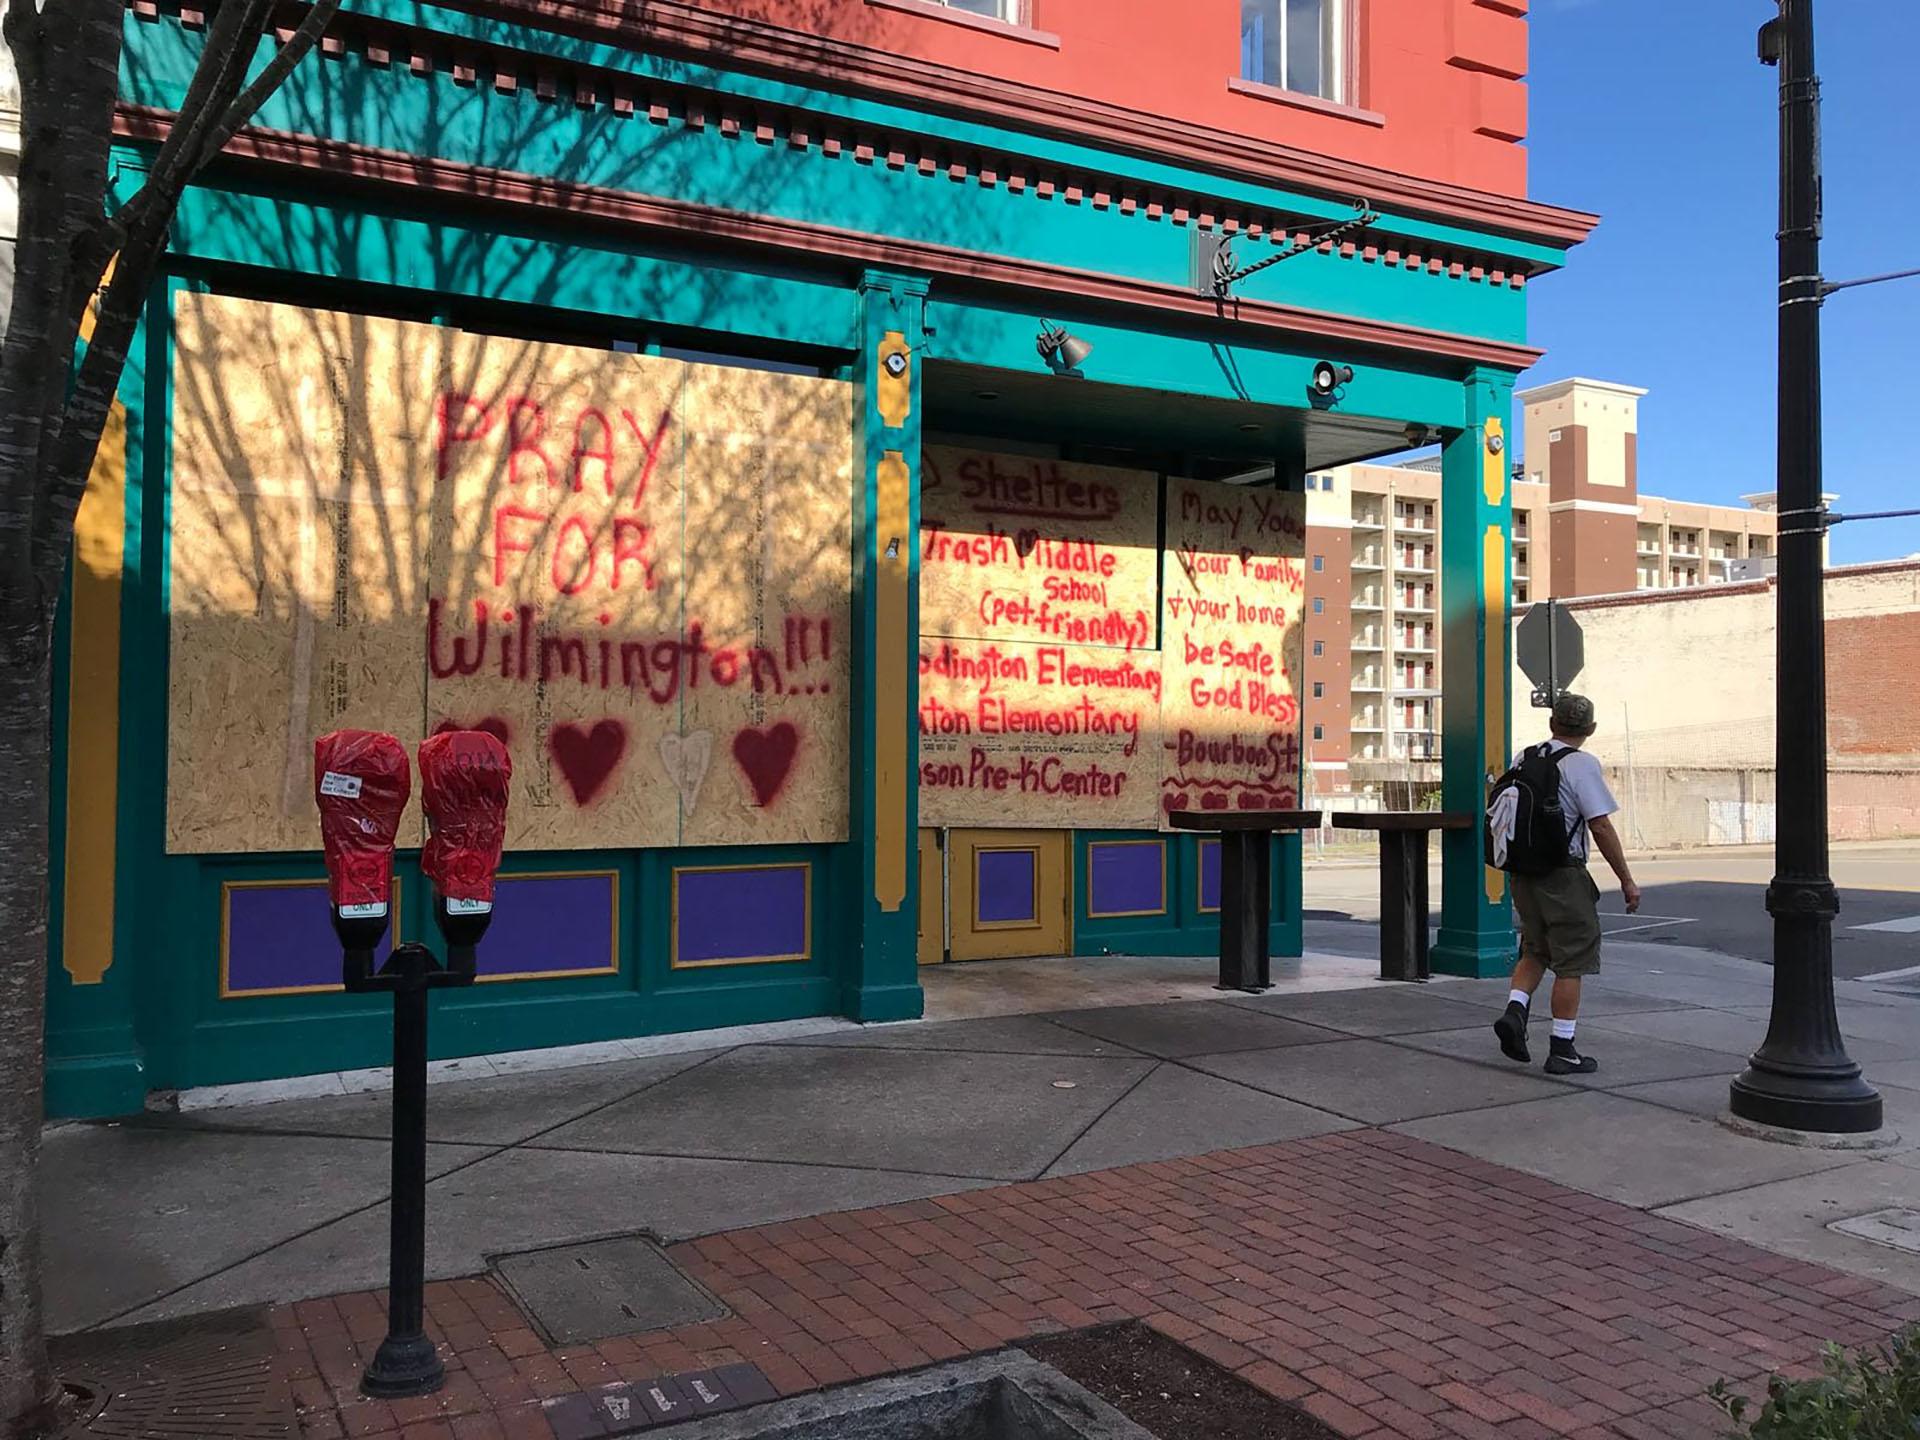 """Un hombrelee un graffiti que dice """"Rezapor Wilmington"""" en un negociocerrado por la llegada del huracán Florence en Wilmington, Carolina del Norte, Estados Unidos (REUTERS/Ernest Scheyder)"""